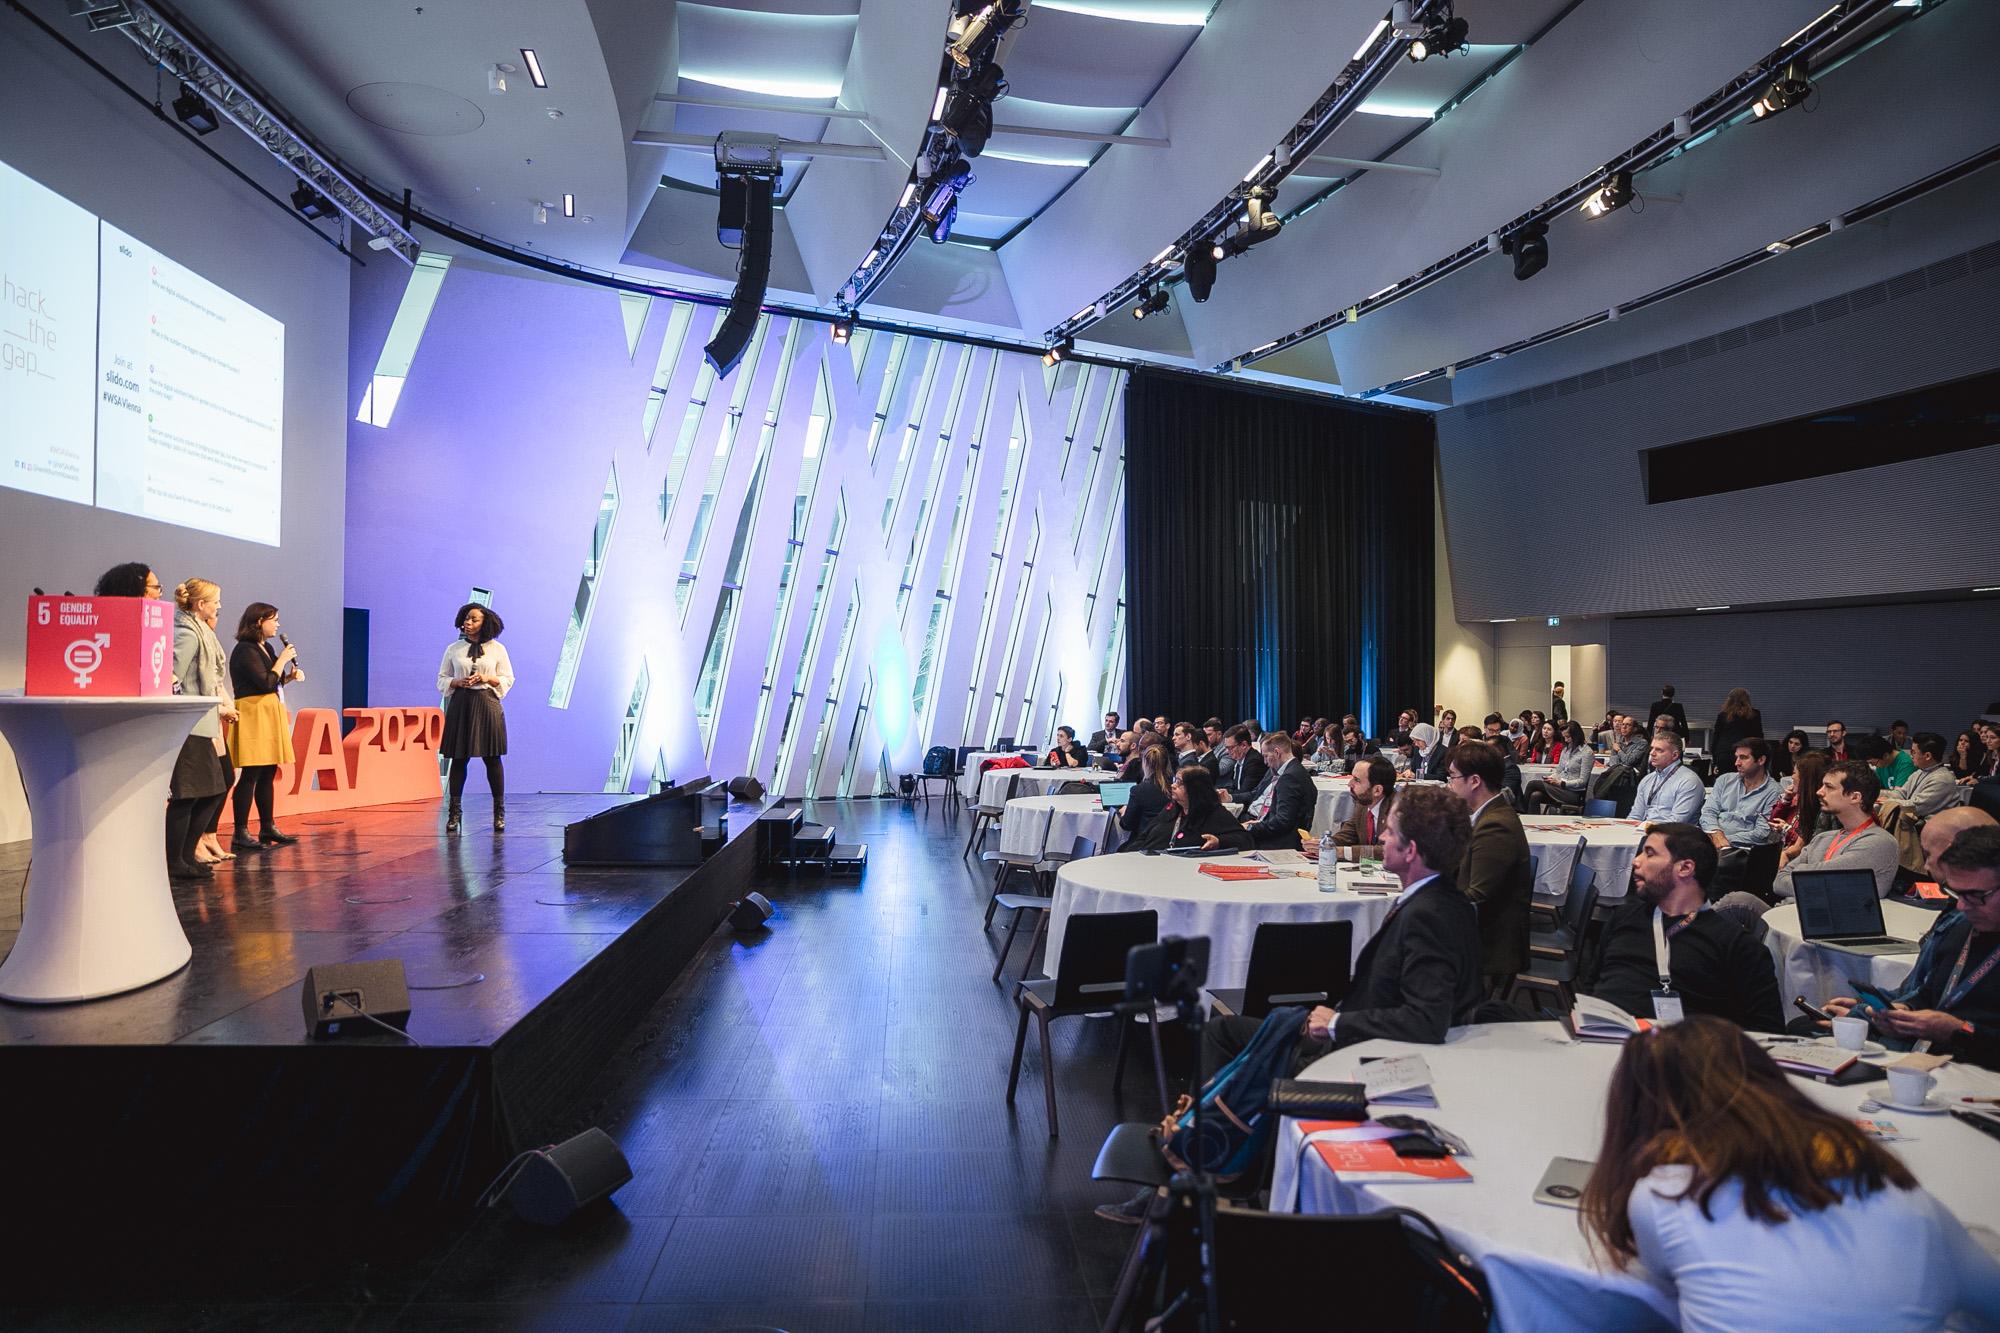 Willkommen beim WSA-Austria, dem Österreichischen Vorentscheid des World Summit Awards.